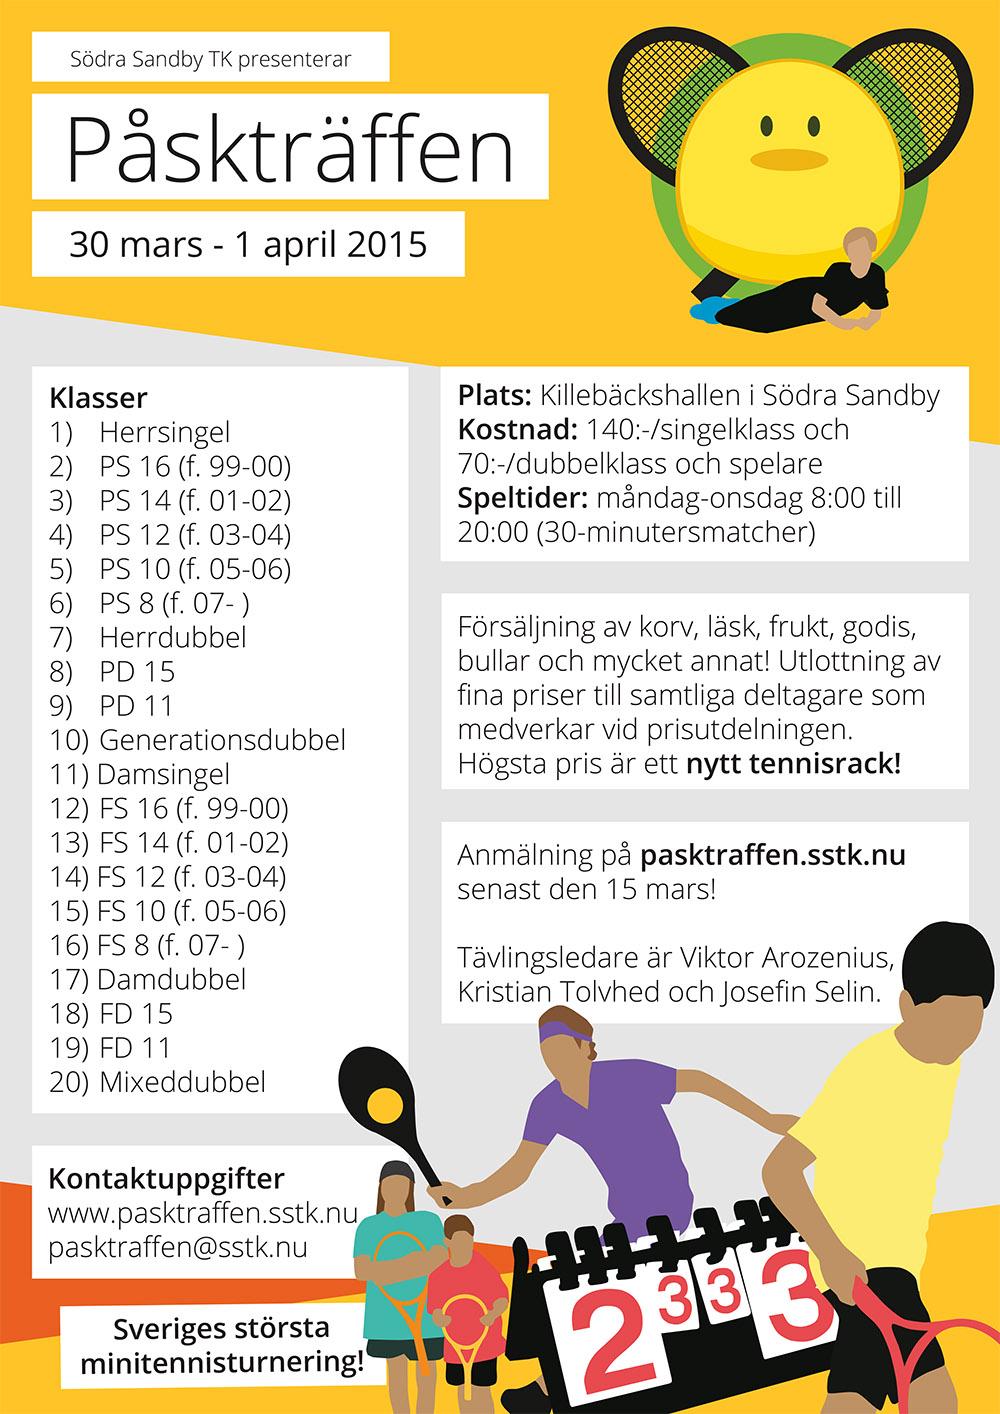 Anmäl dig till Påskträffen 2015